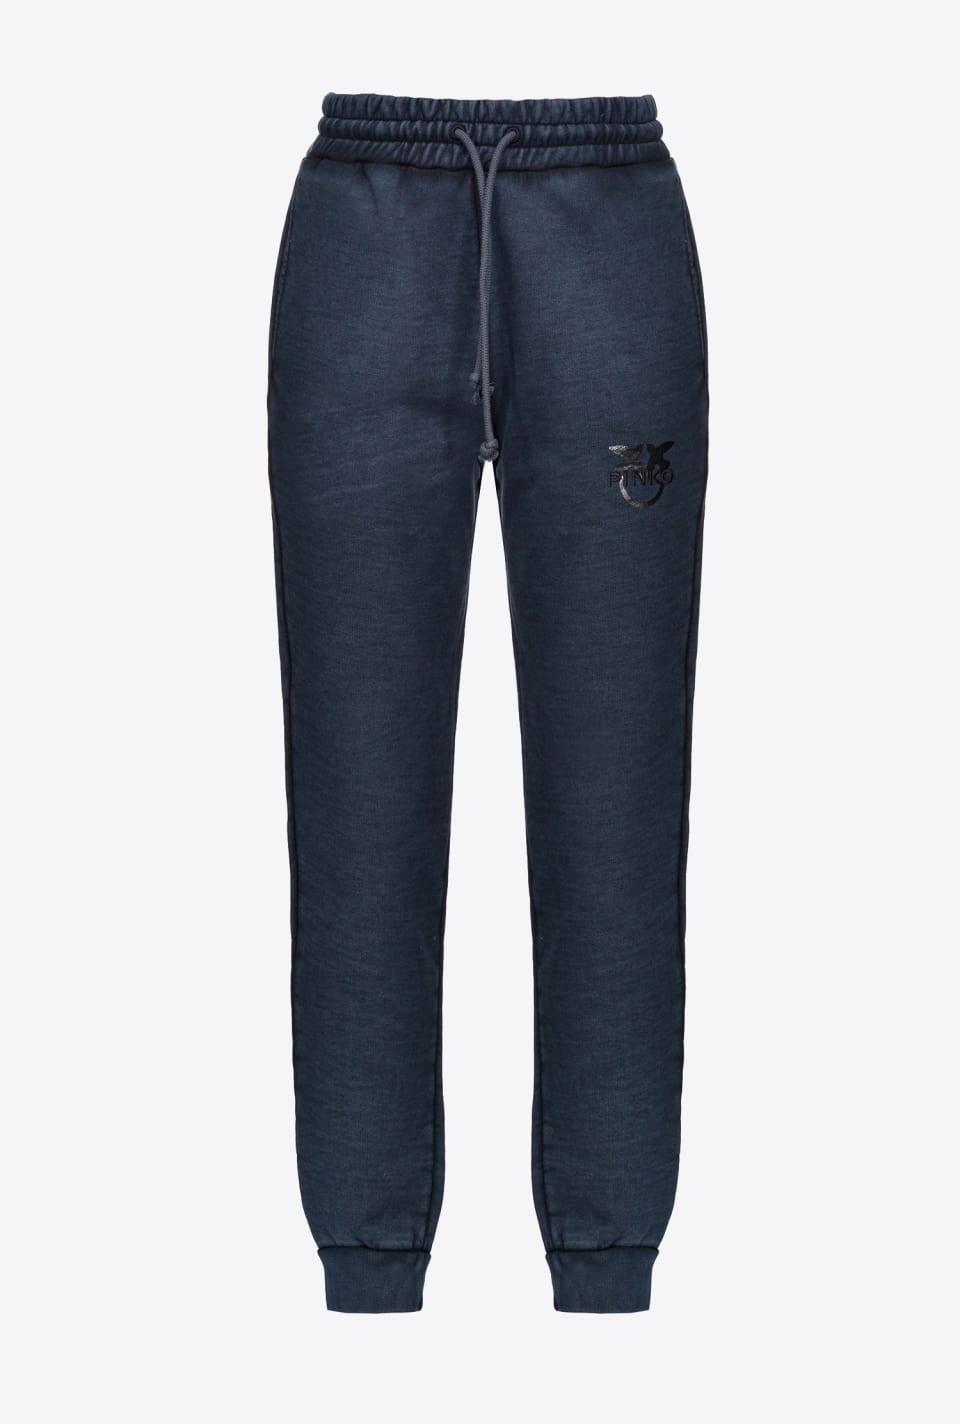 Pantalón jogging de algodón orgánico - Pinko